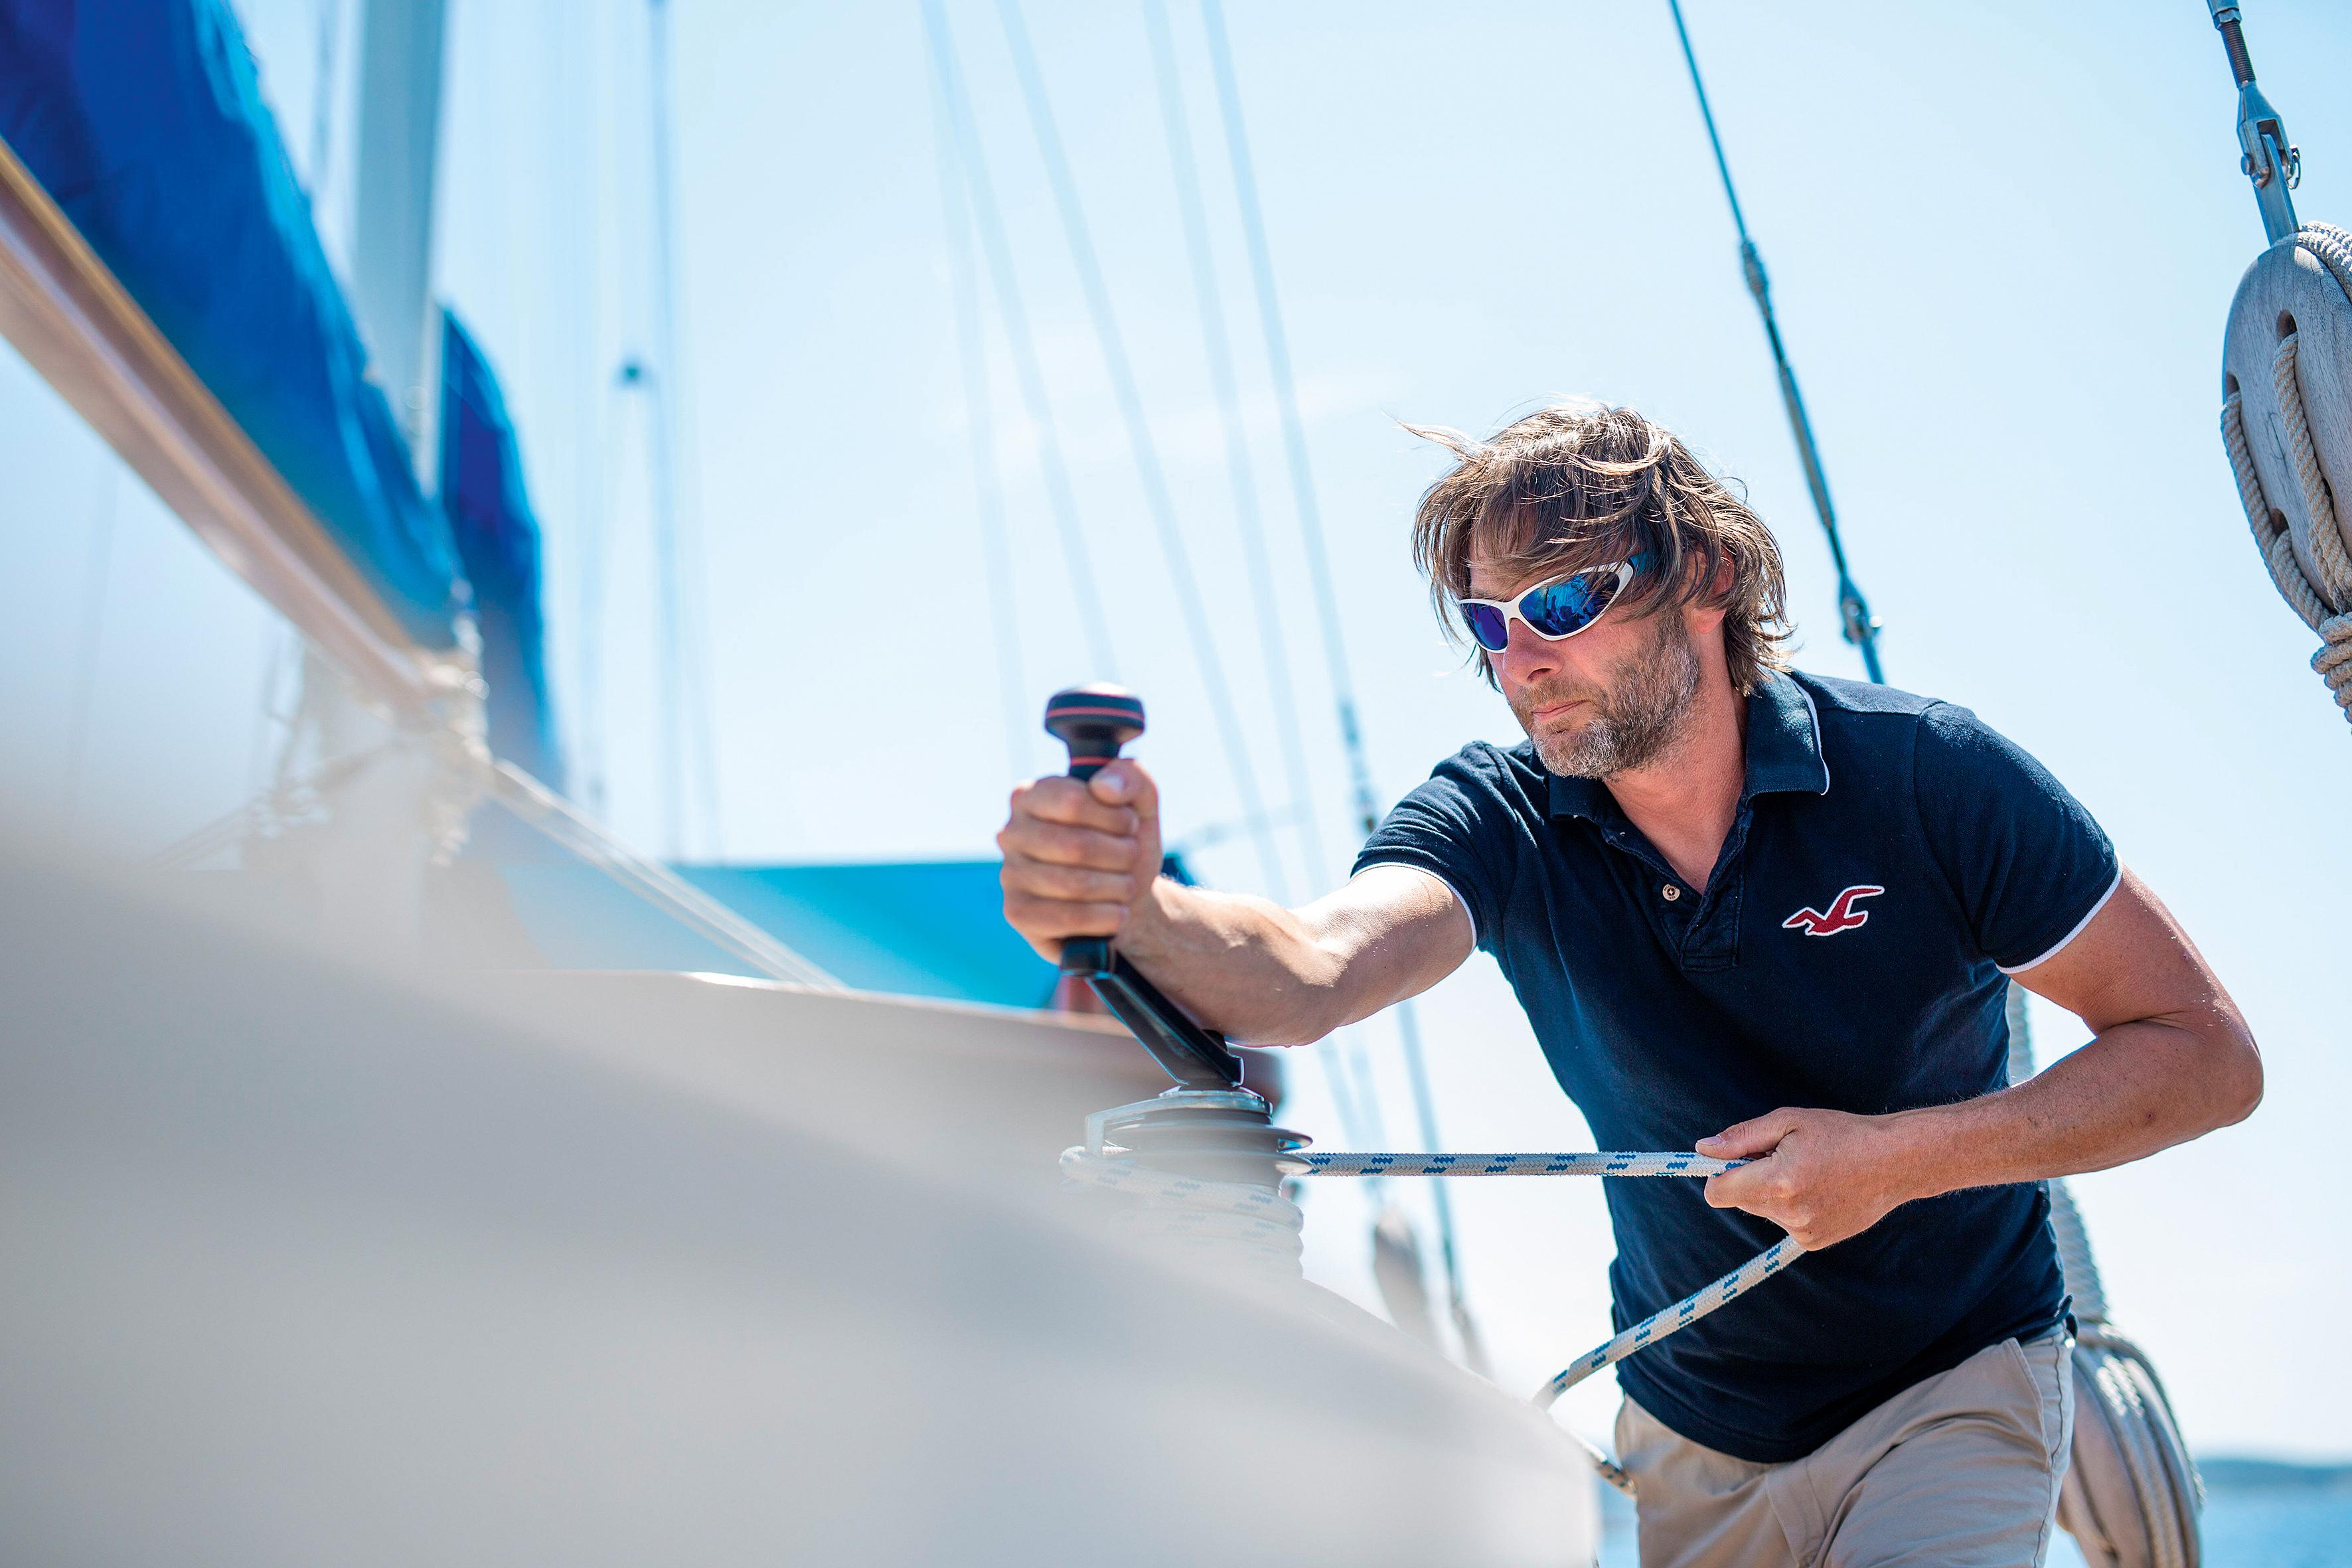 Der Skipper: Markus Kläy lässt die Gäste auch mithelfen.